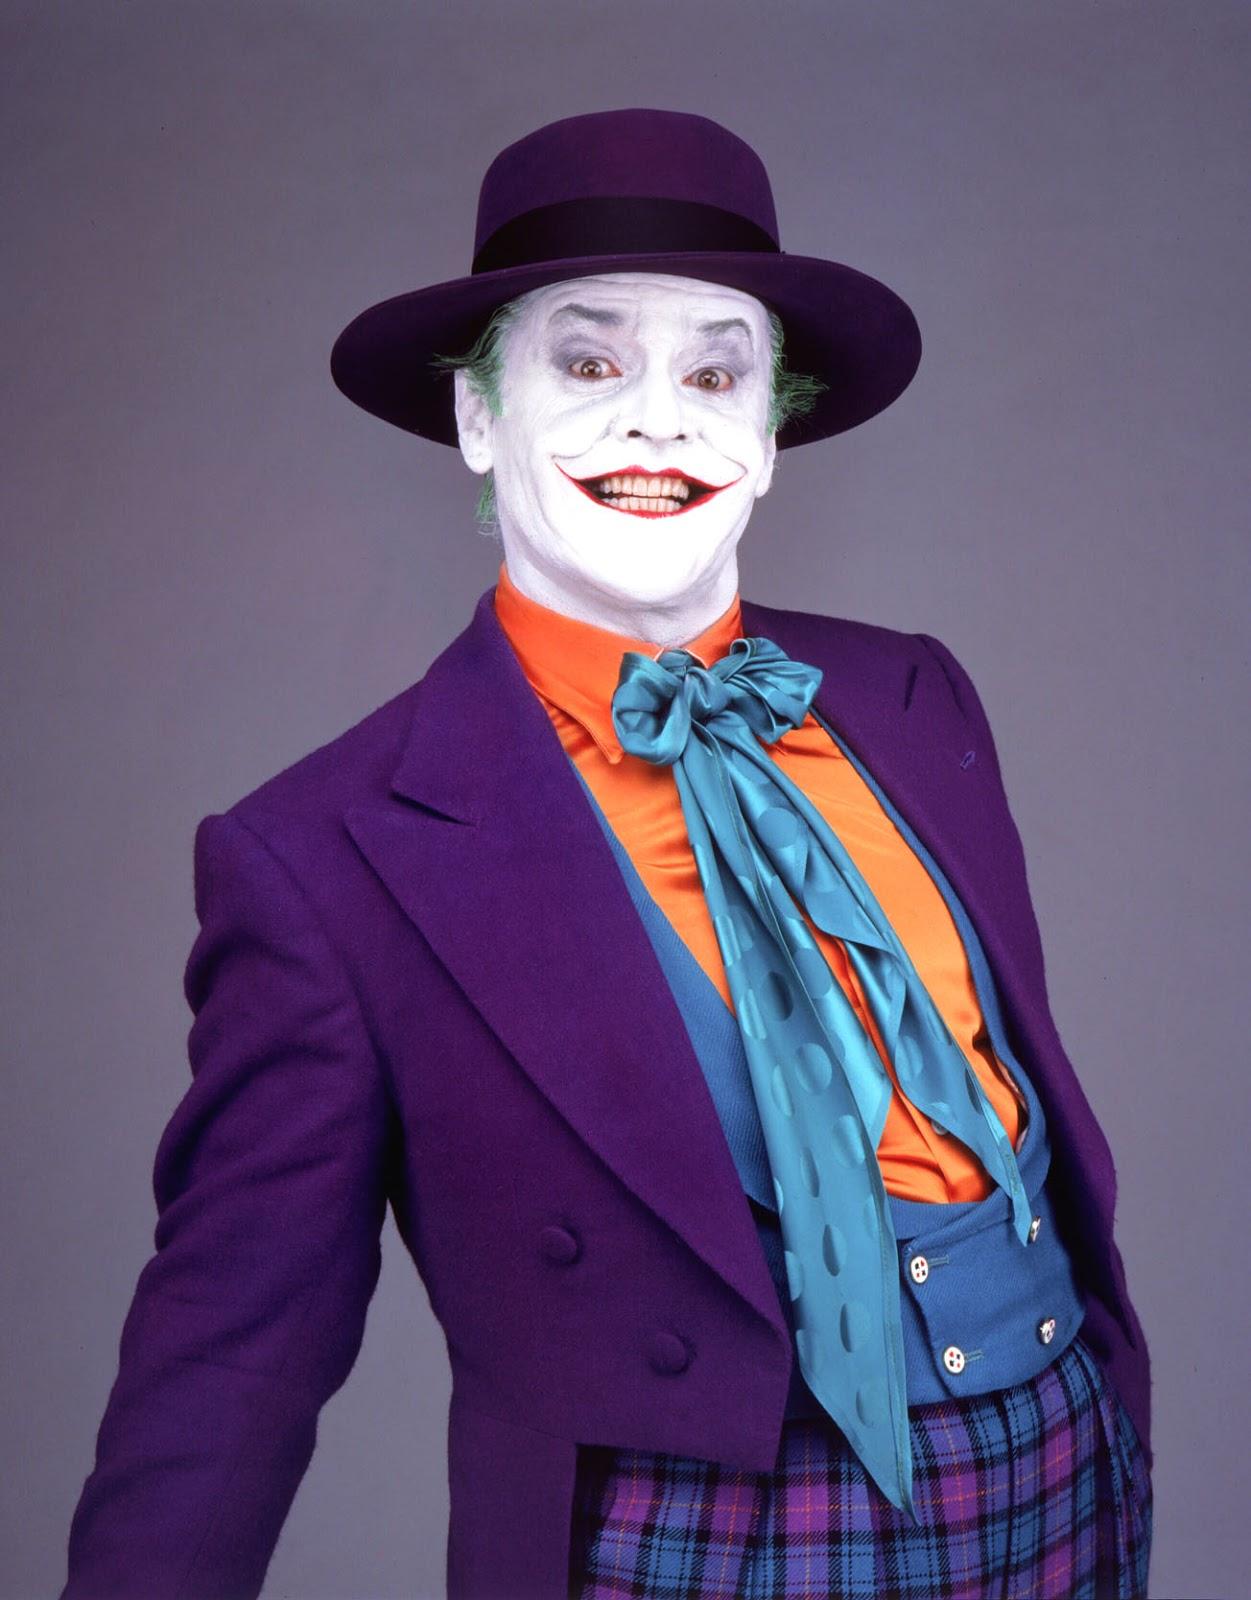 http://4.bp.blogspot.com/-Yh-vCJEJCCQ/UO9NbV8NbgI/AAAAAAAAmp8/9jgzGbEW-cQ/s1600/Batman.jpg